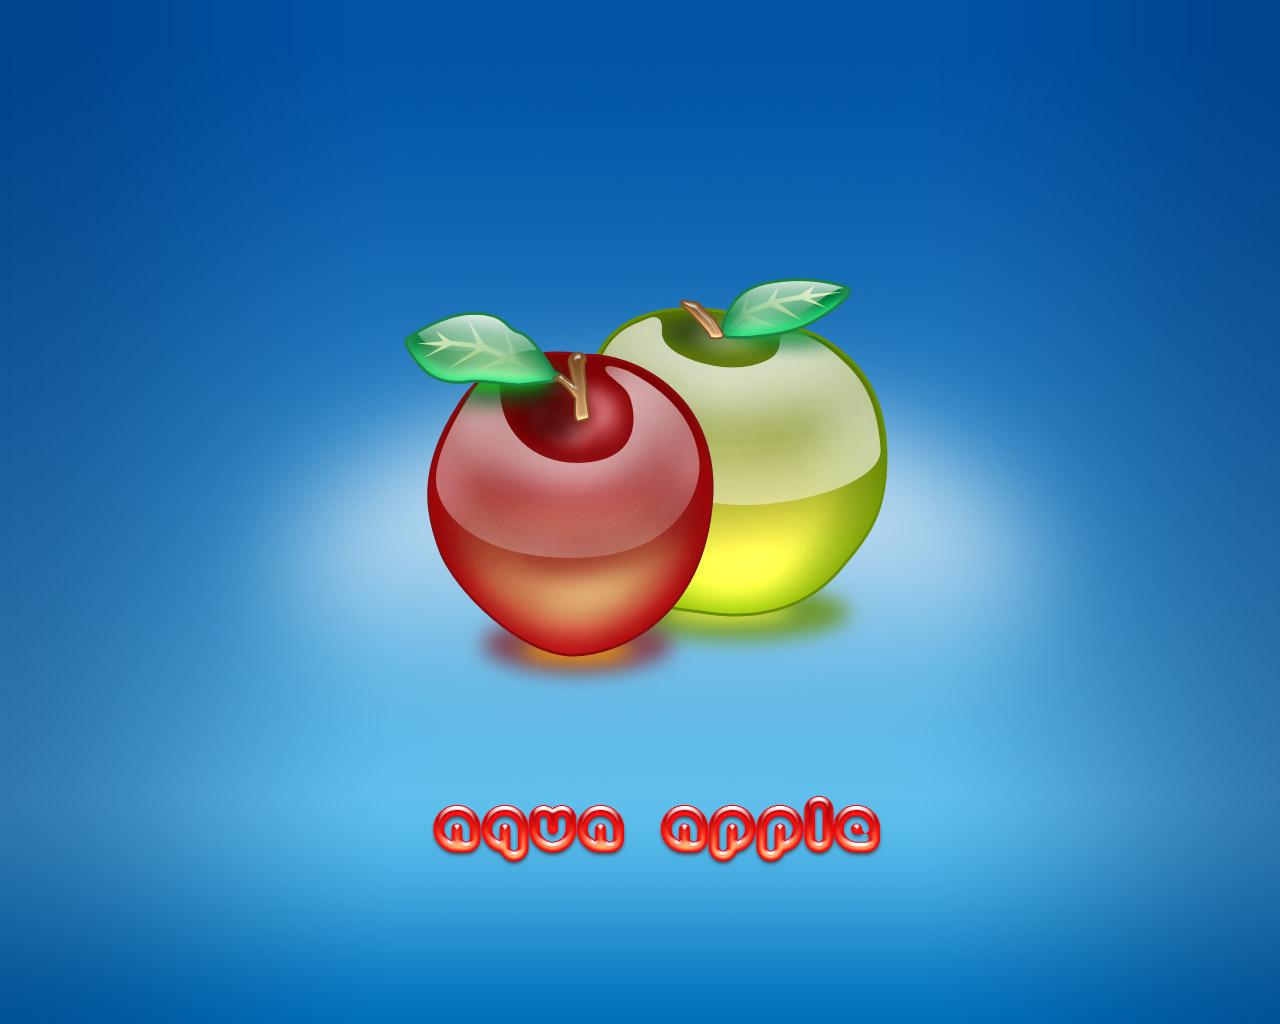 http://1.bp.blogspot.com/-WAnWWVZ6jU4/TmLtRN7RlyI/AAAAAAAAFec/huMfV9TKnQY/s1600/Aqua+Apple+11.jpg